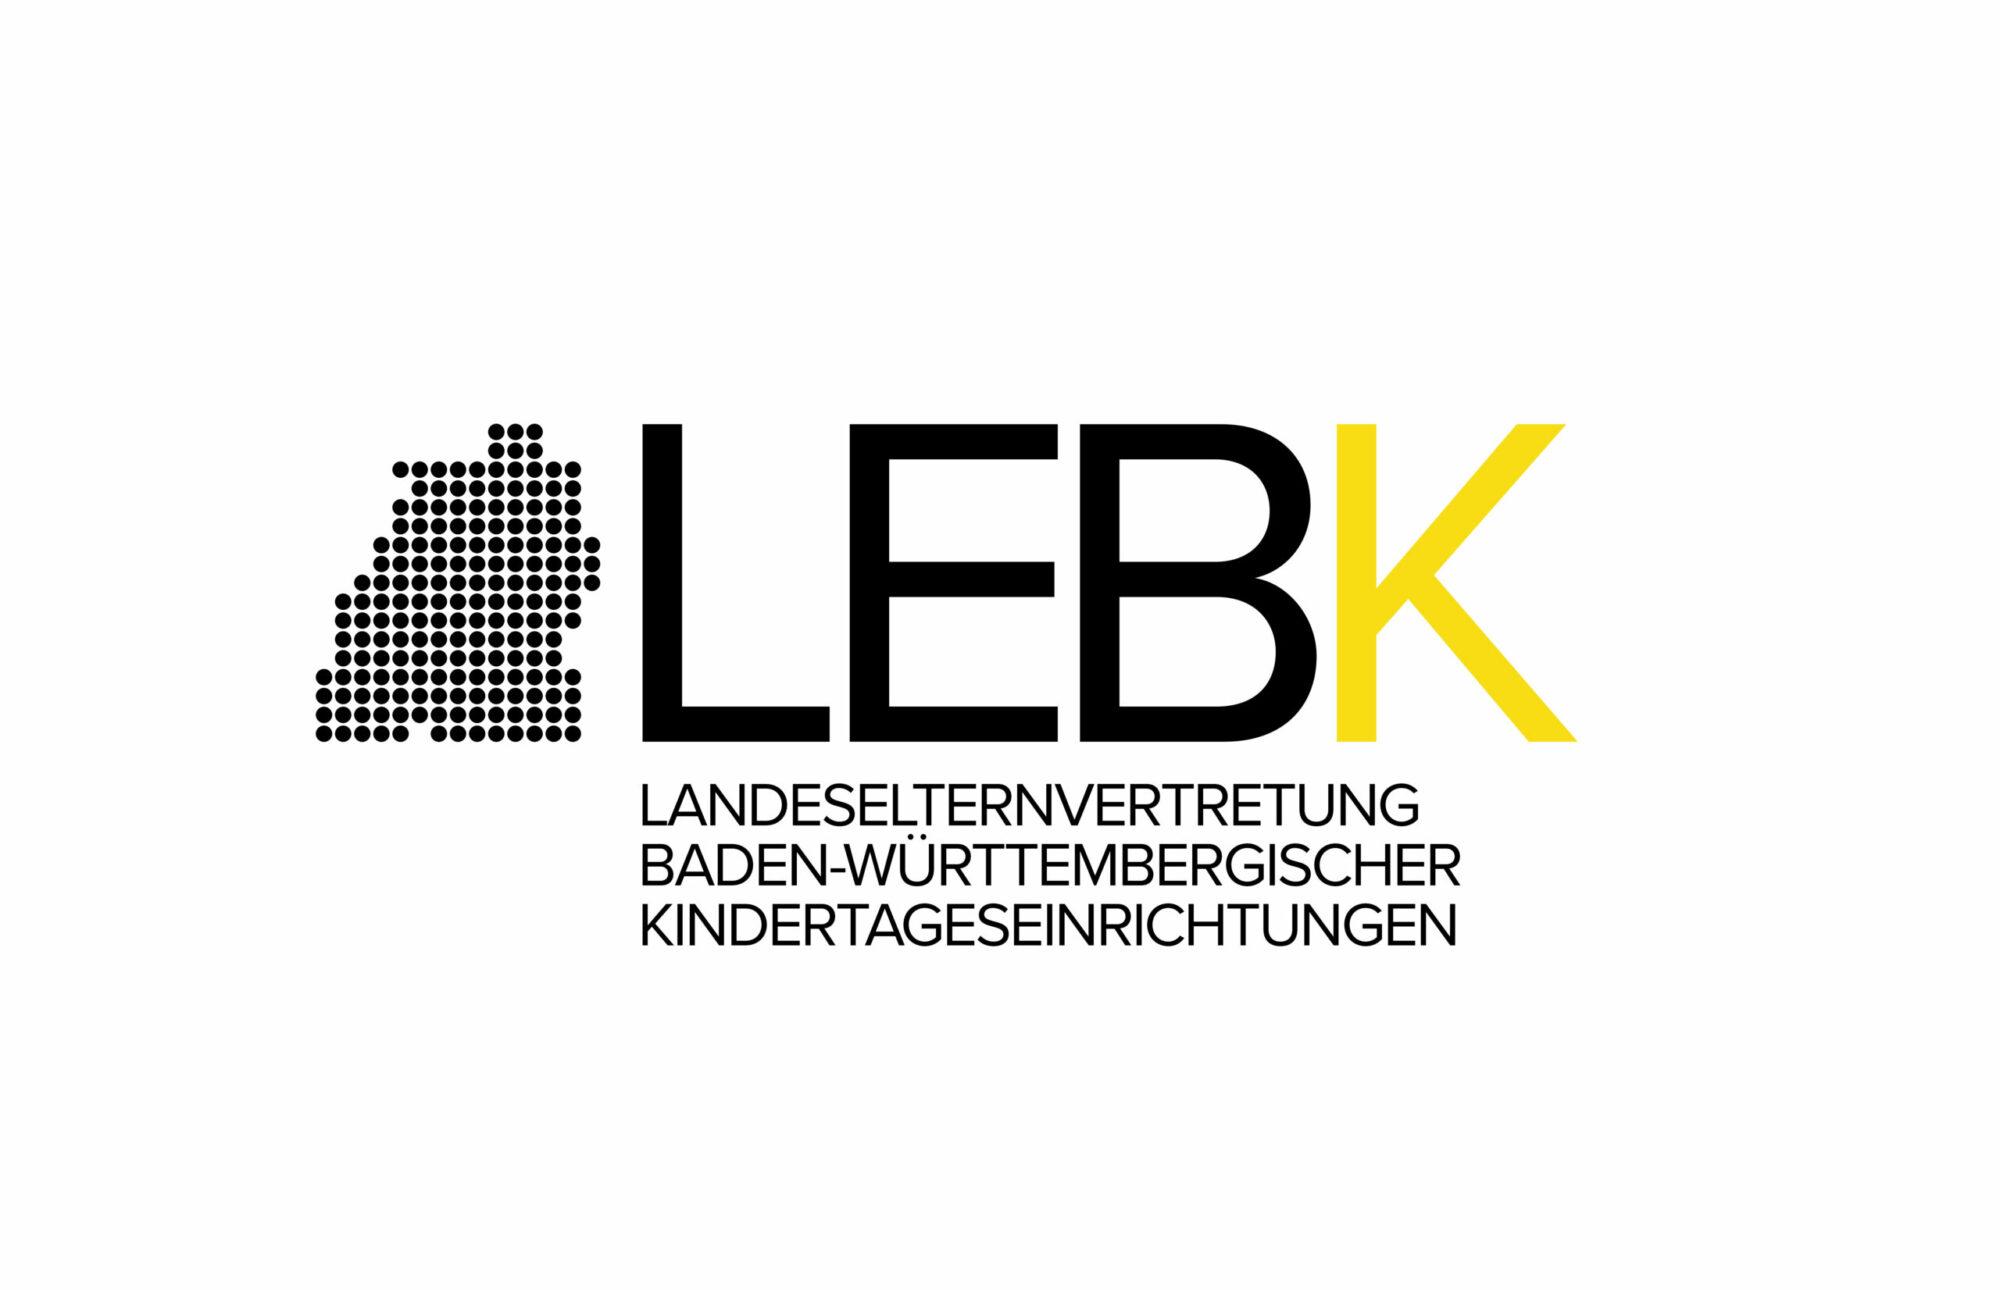 Landeselternvertretung baden-württembergischer Kindertageseinrichtungen